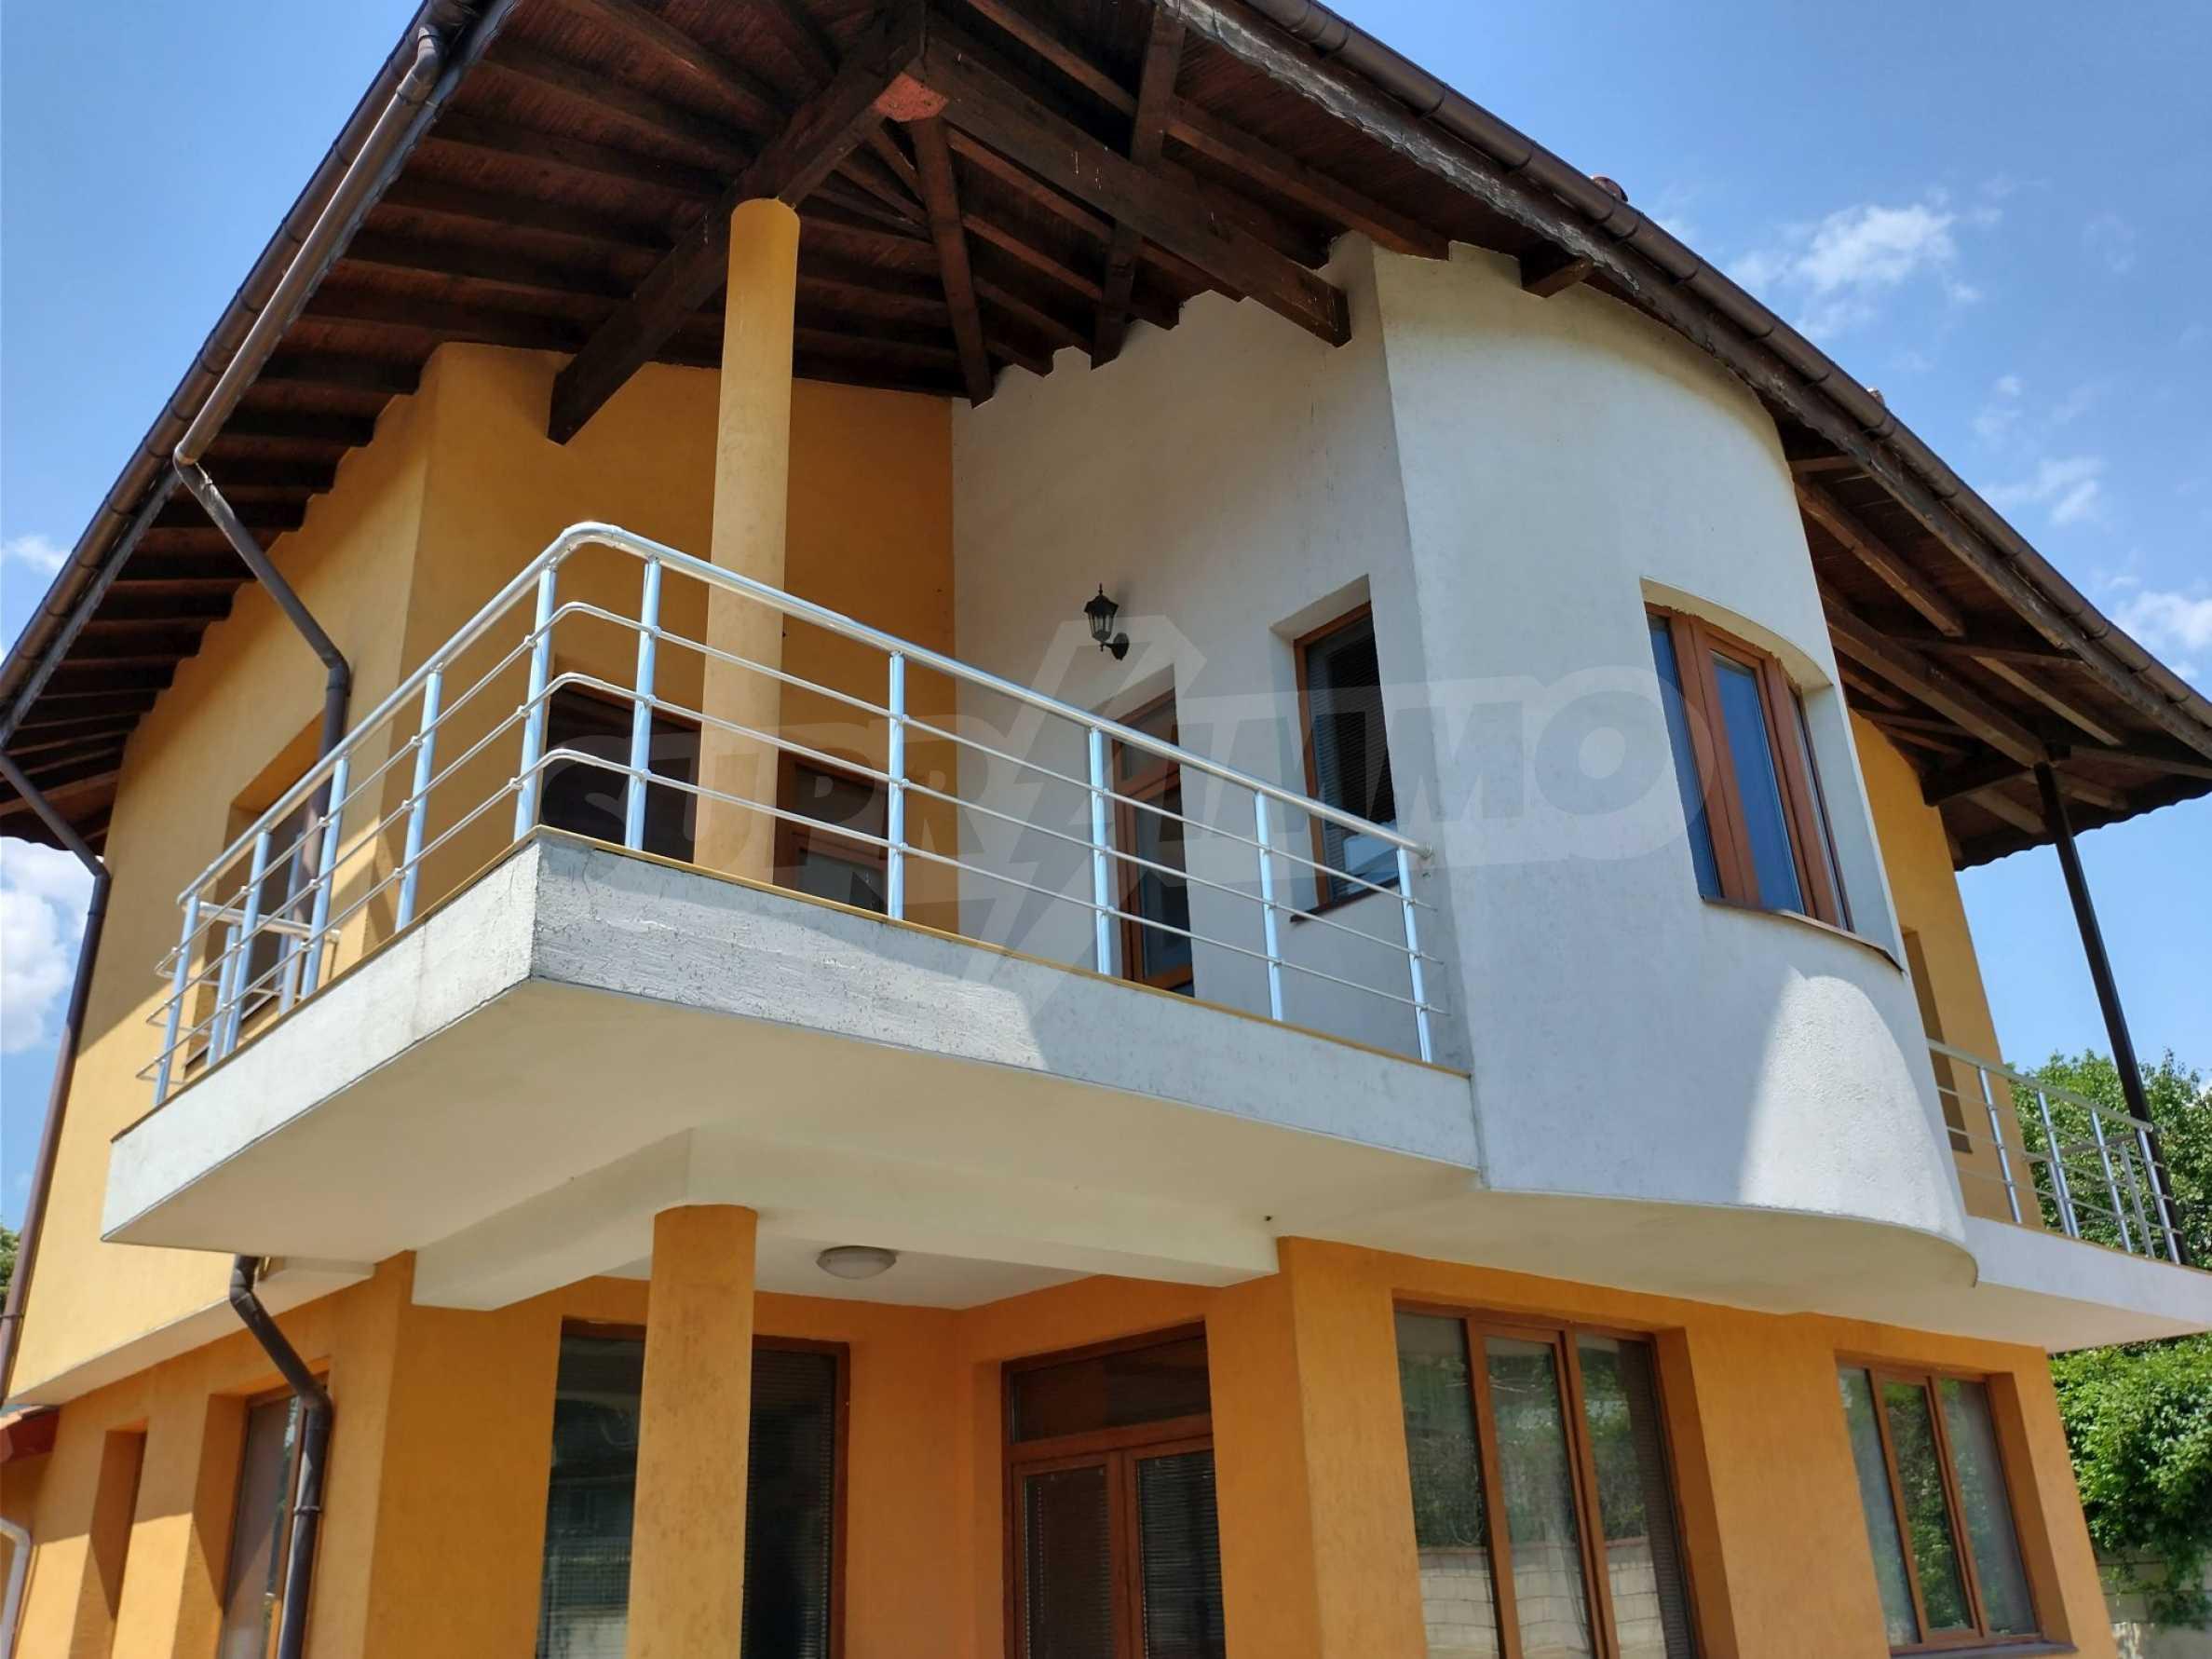 The Orange House 16